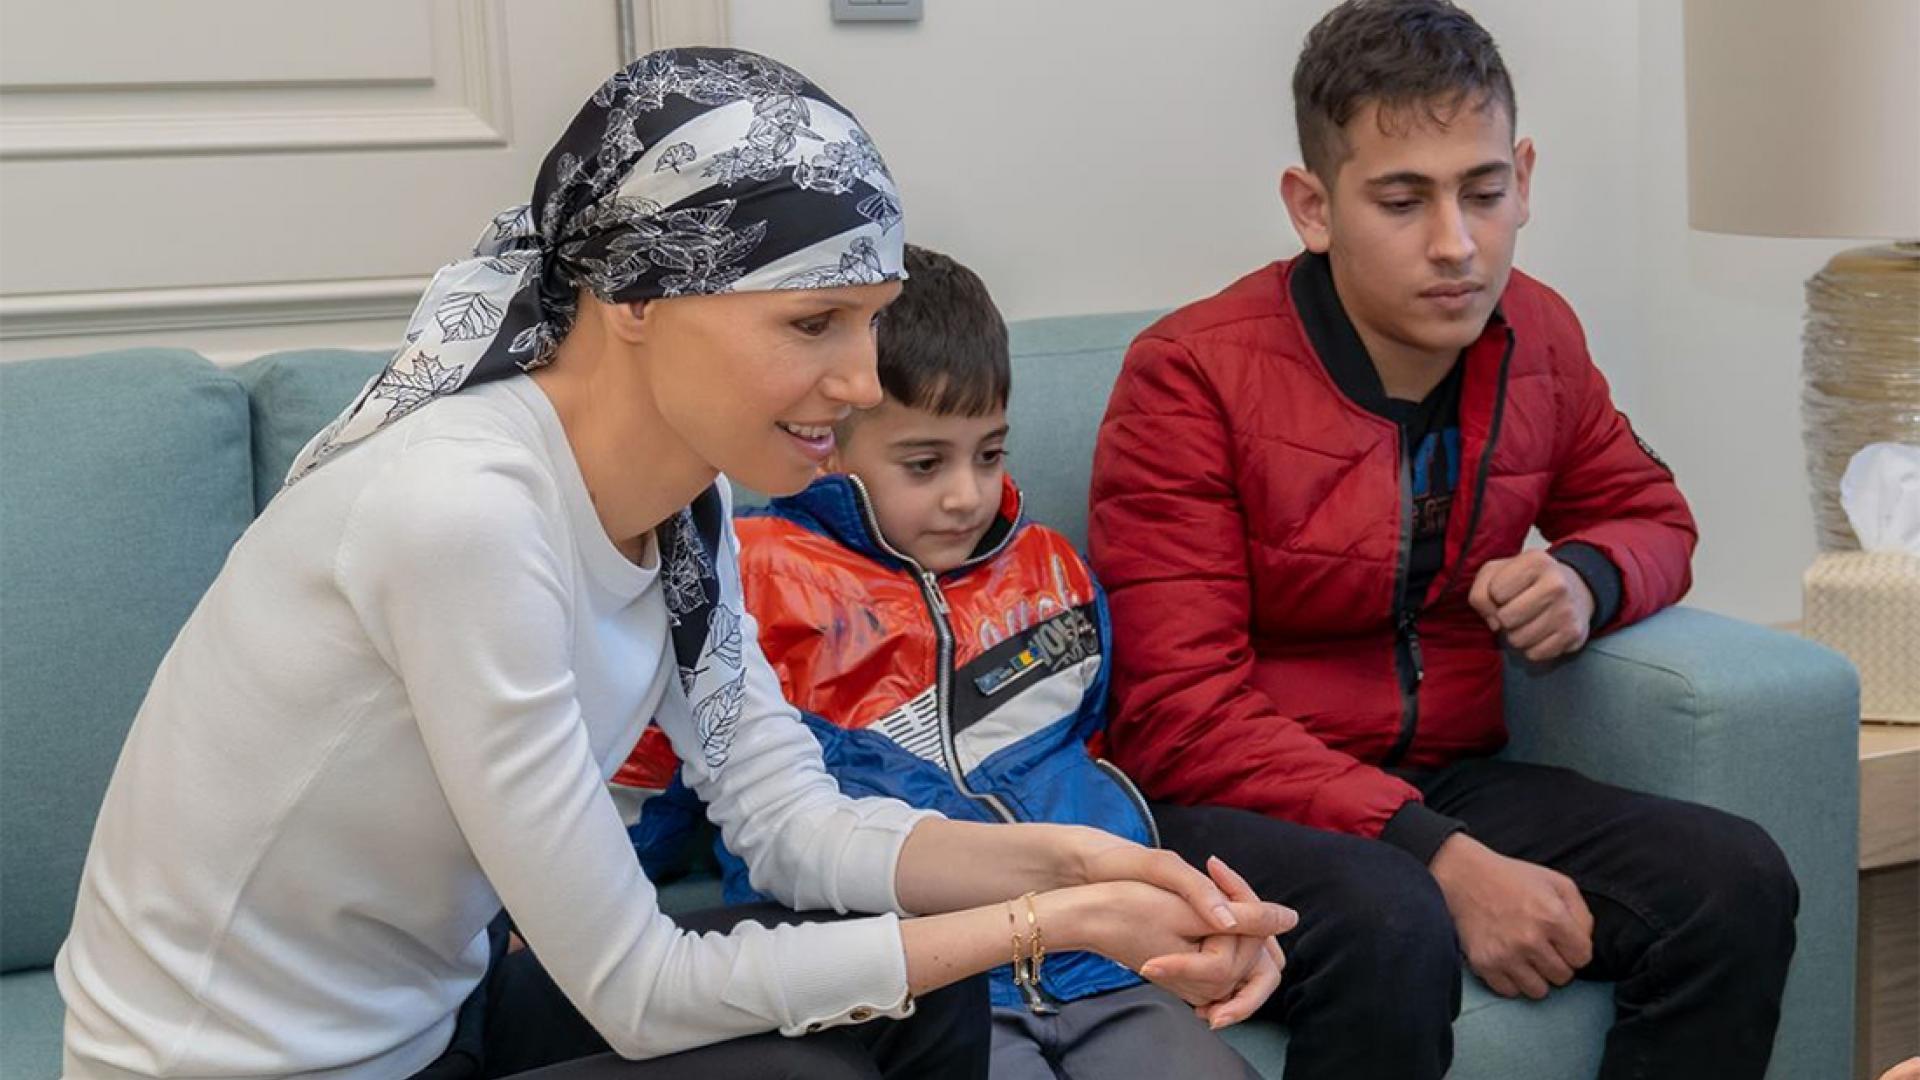 صور أسماء الأسد بأحدث ظهور بعد بدء علاجها الكيماوي من ورم خبيث بالثدي